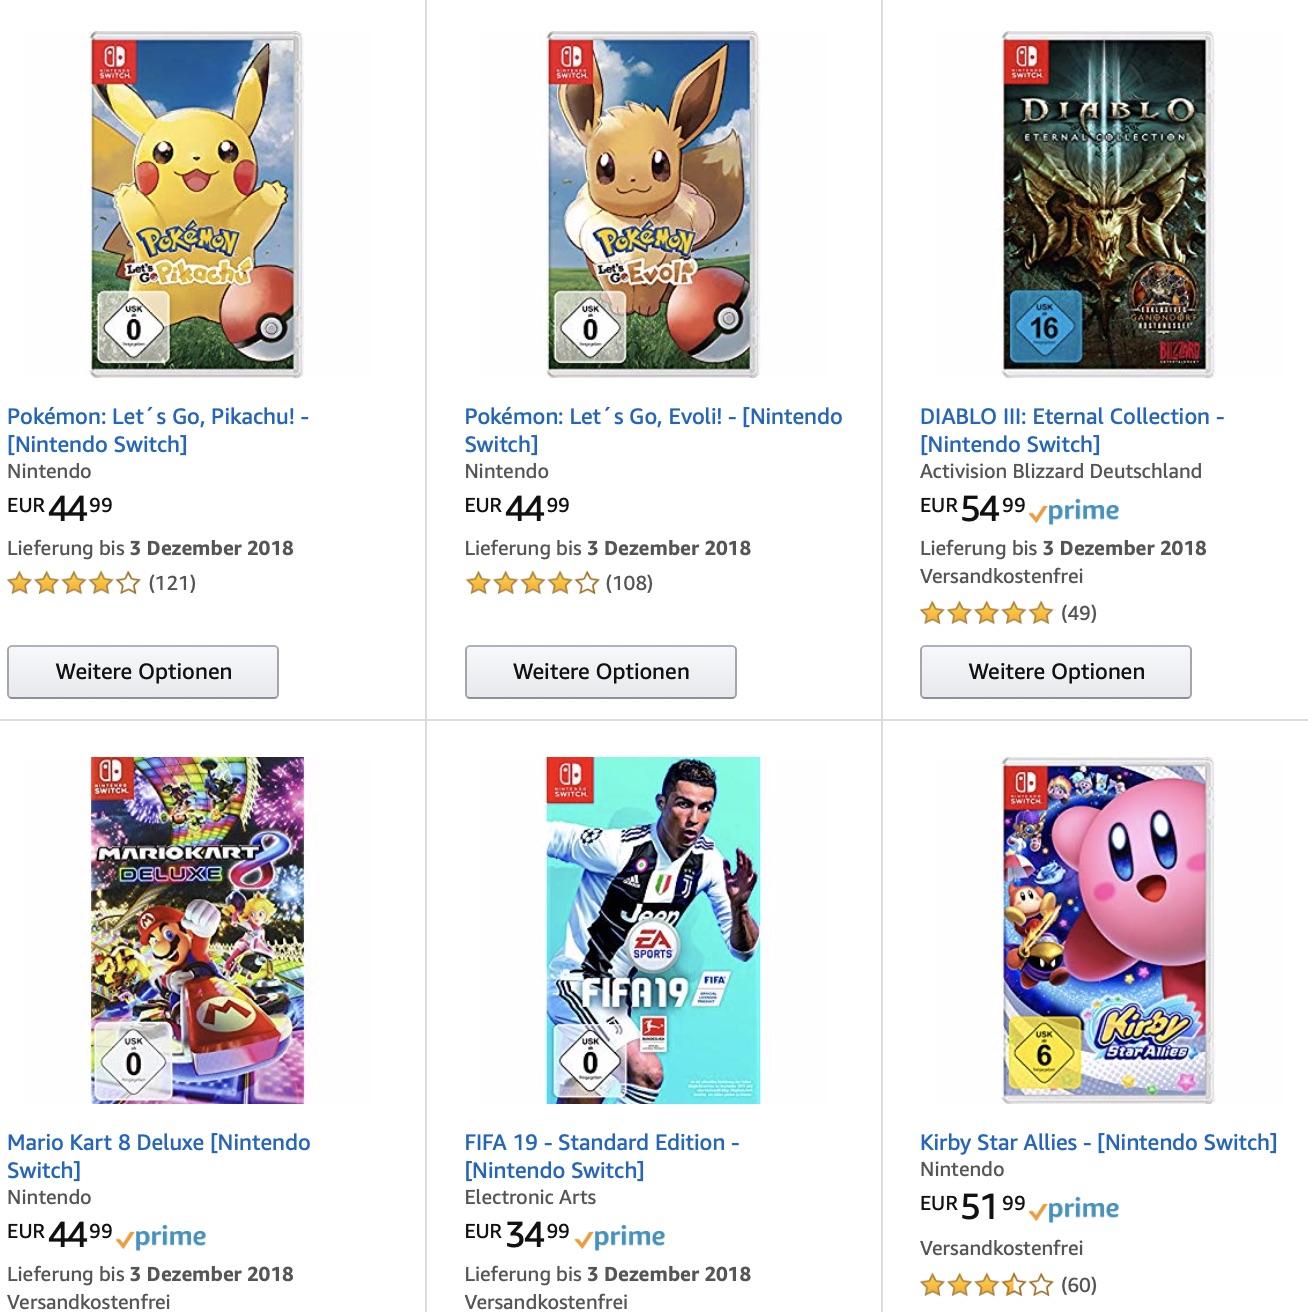 Lot de 3 jeux vidéo sur Switch au choix parmi une sélection de 12 jeux pour 100€